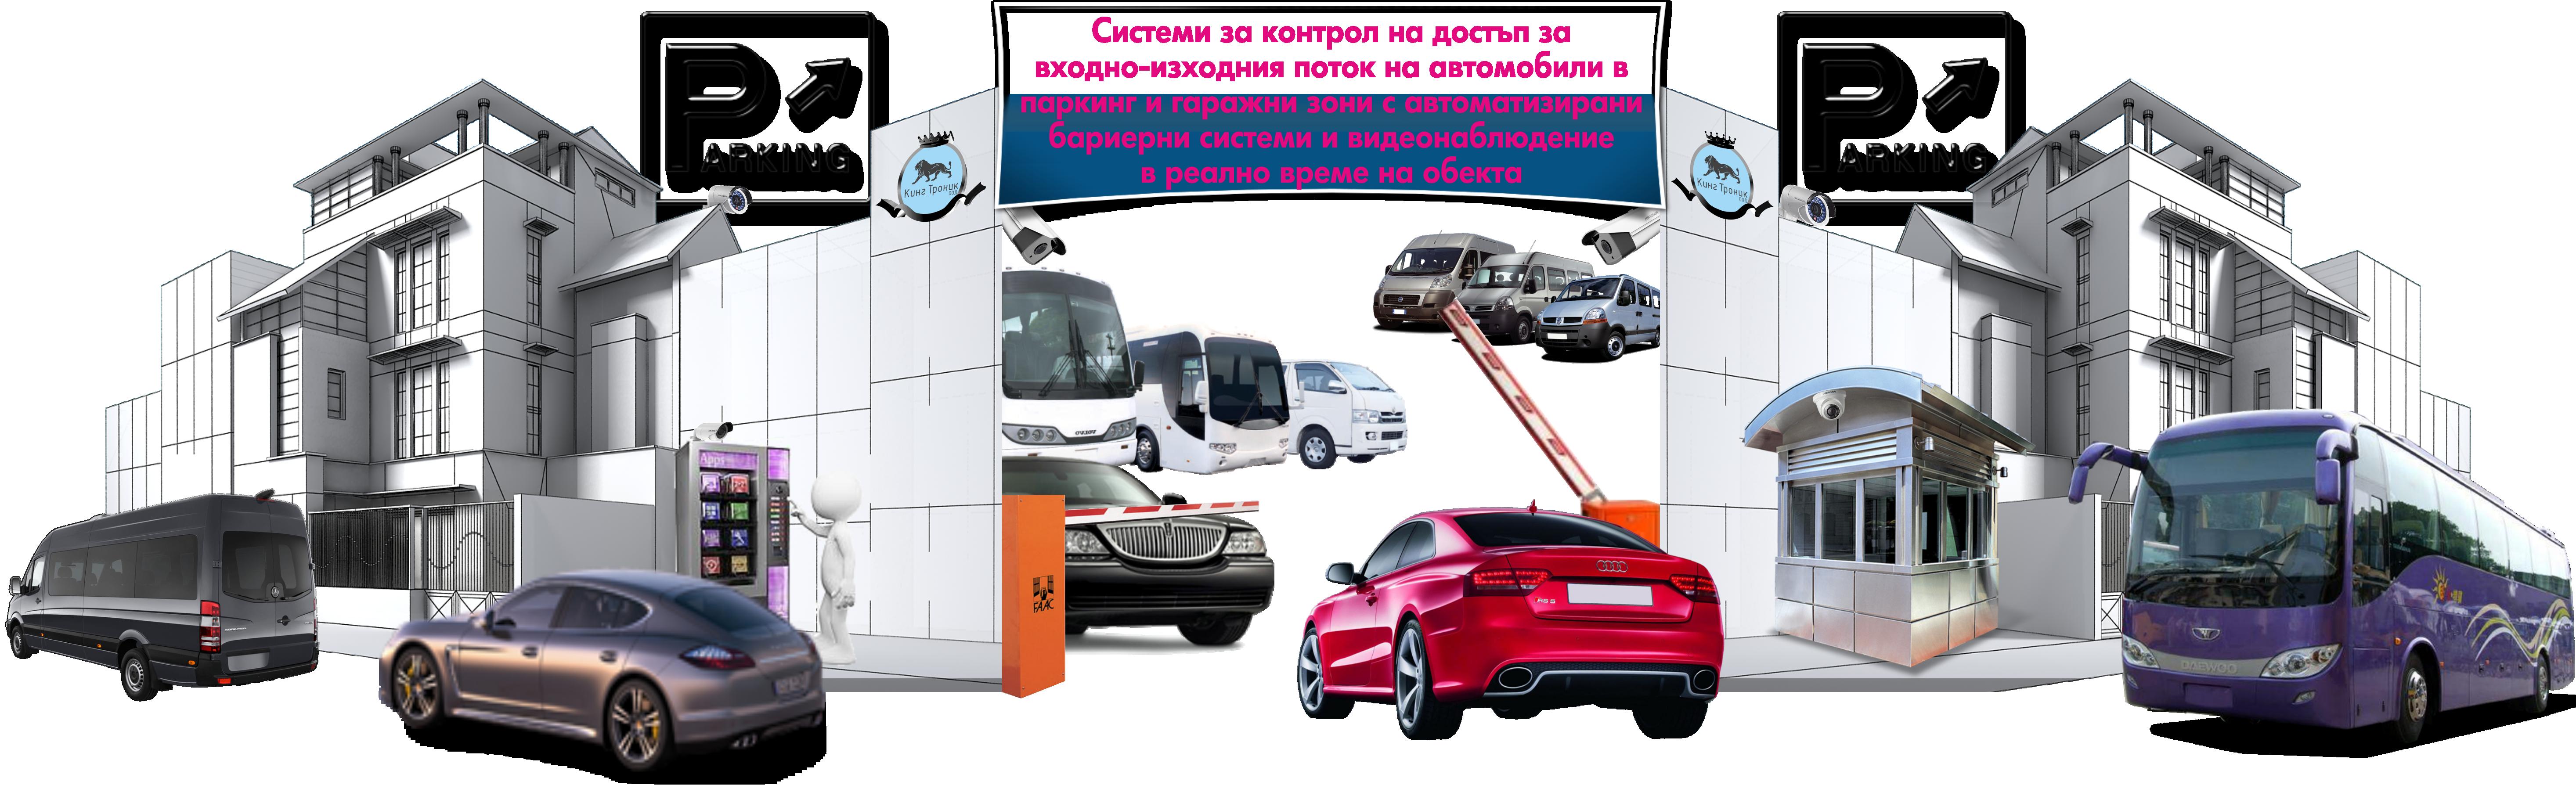 Системи за контрол на достъп за входно-изходния поток на автомобили в паркинг зони с автоматизирани бариерни системи